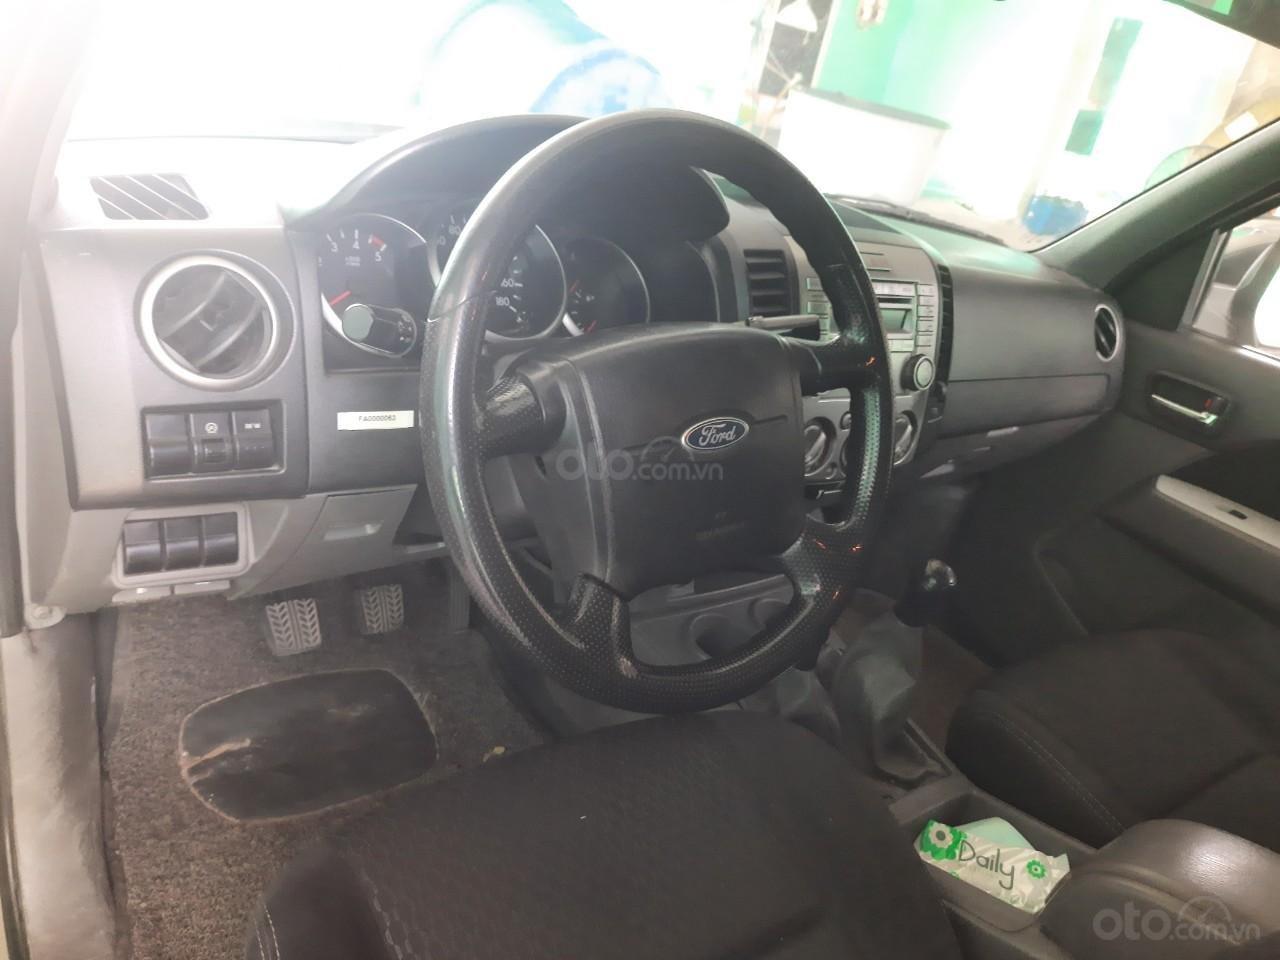 Bán Ford Ranger năm 2009 giá cạnh tranh nội thất nguyên bản (6)